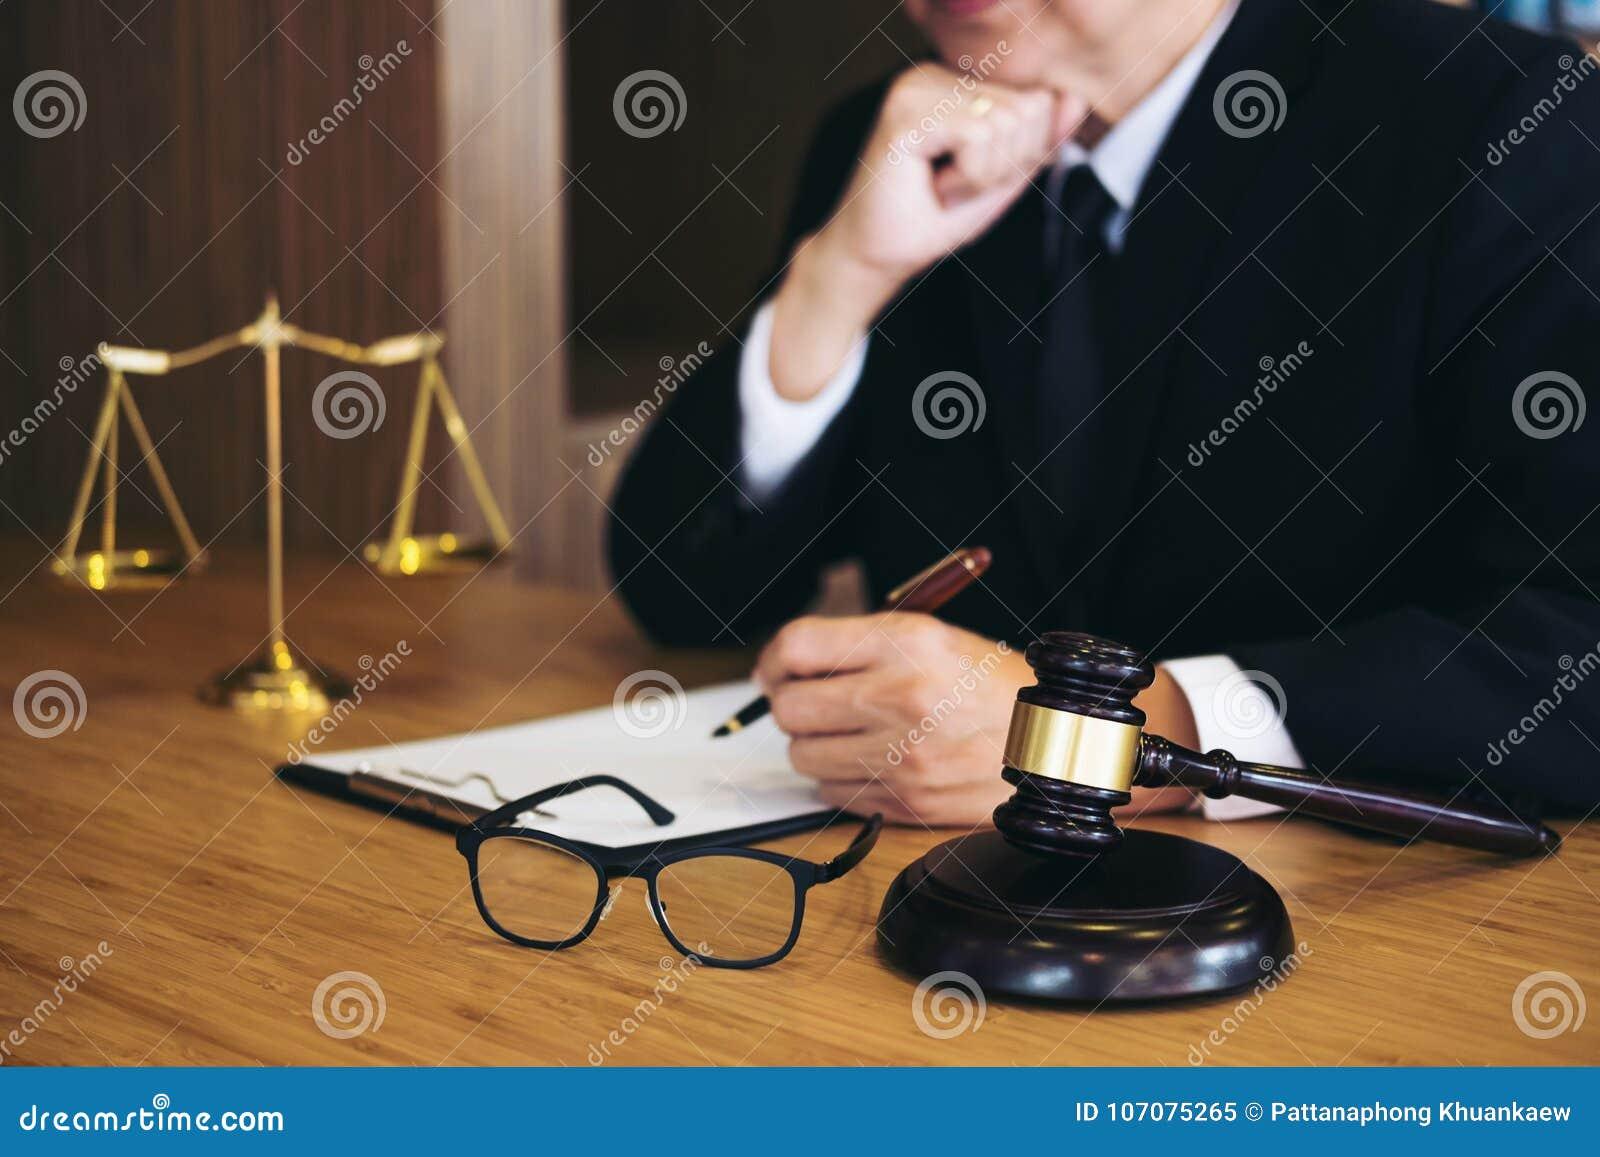 письменные консультации с юристами